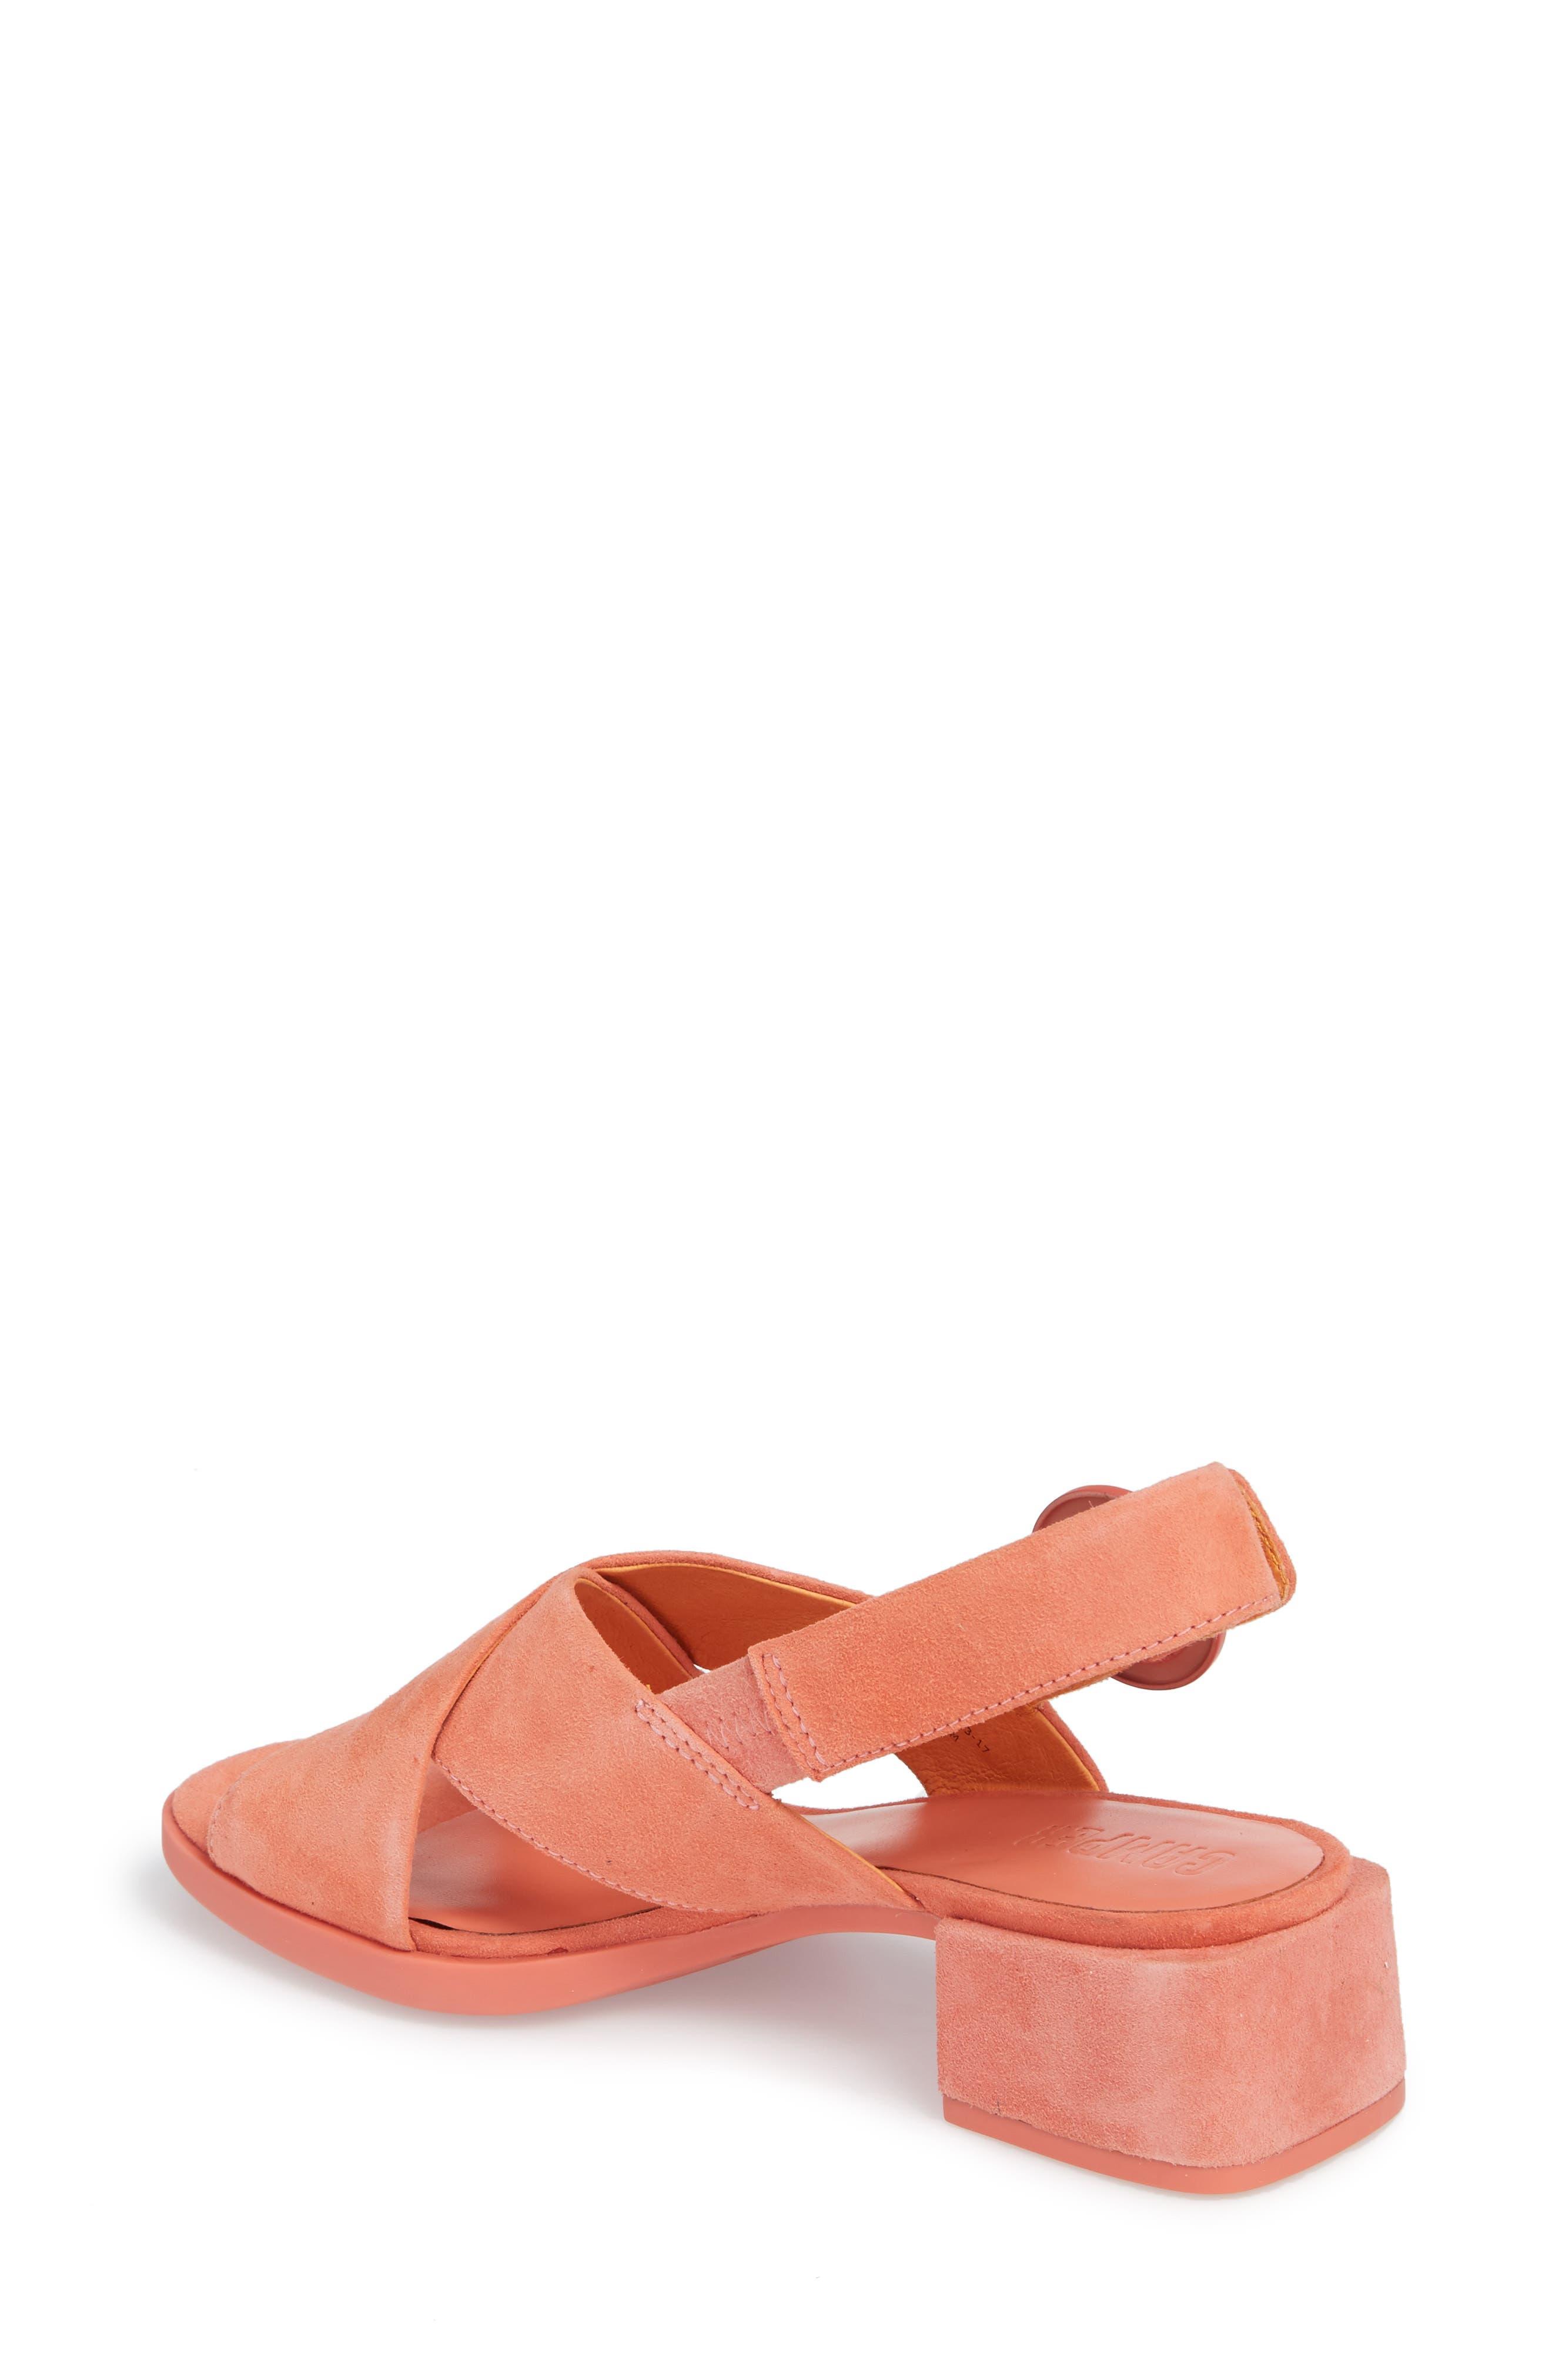 Alternate Image 2  - Camper Kobo Cross Strap Sandal (Women)